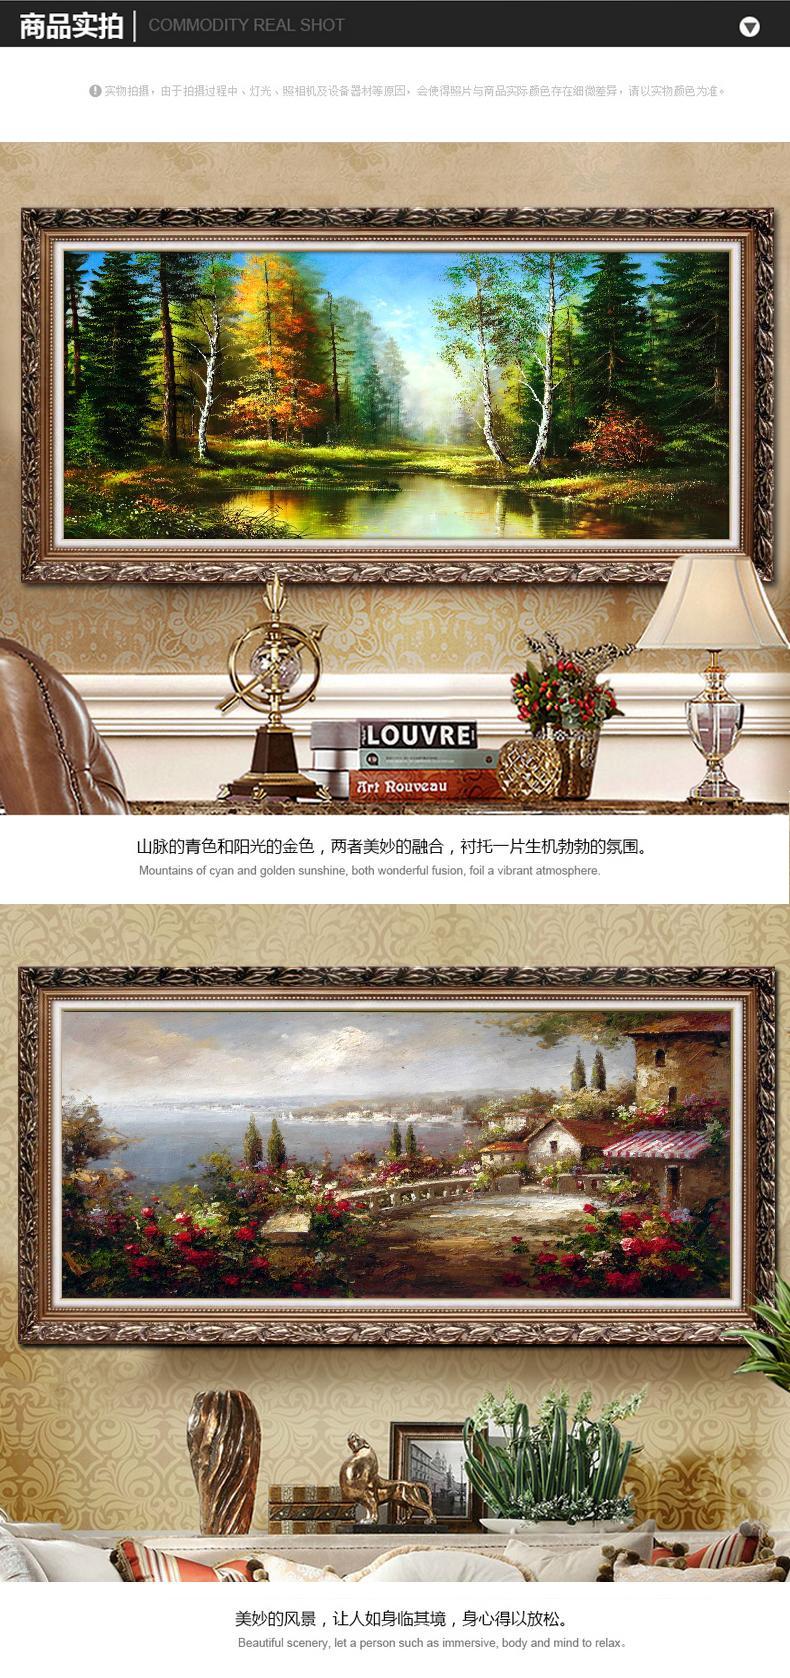 欧式客厅油画美式风景壁画简欧别墅卧室餐厅装饰画沙发背景墙挂画 7图片